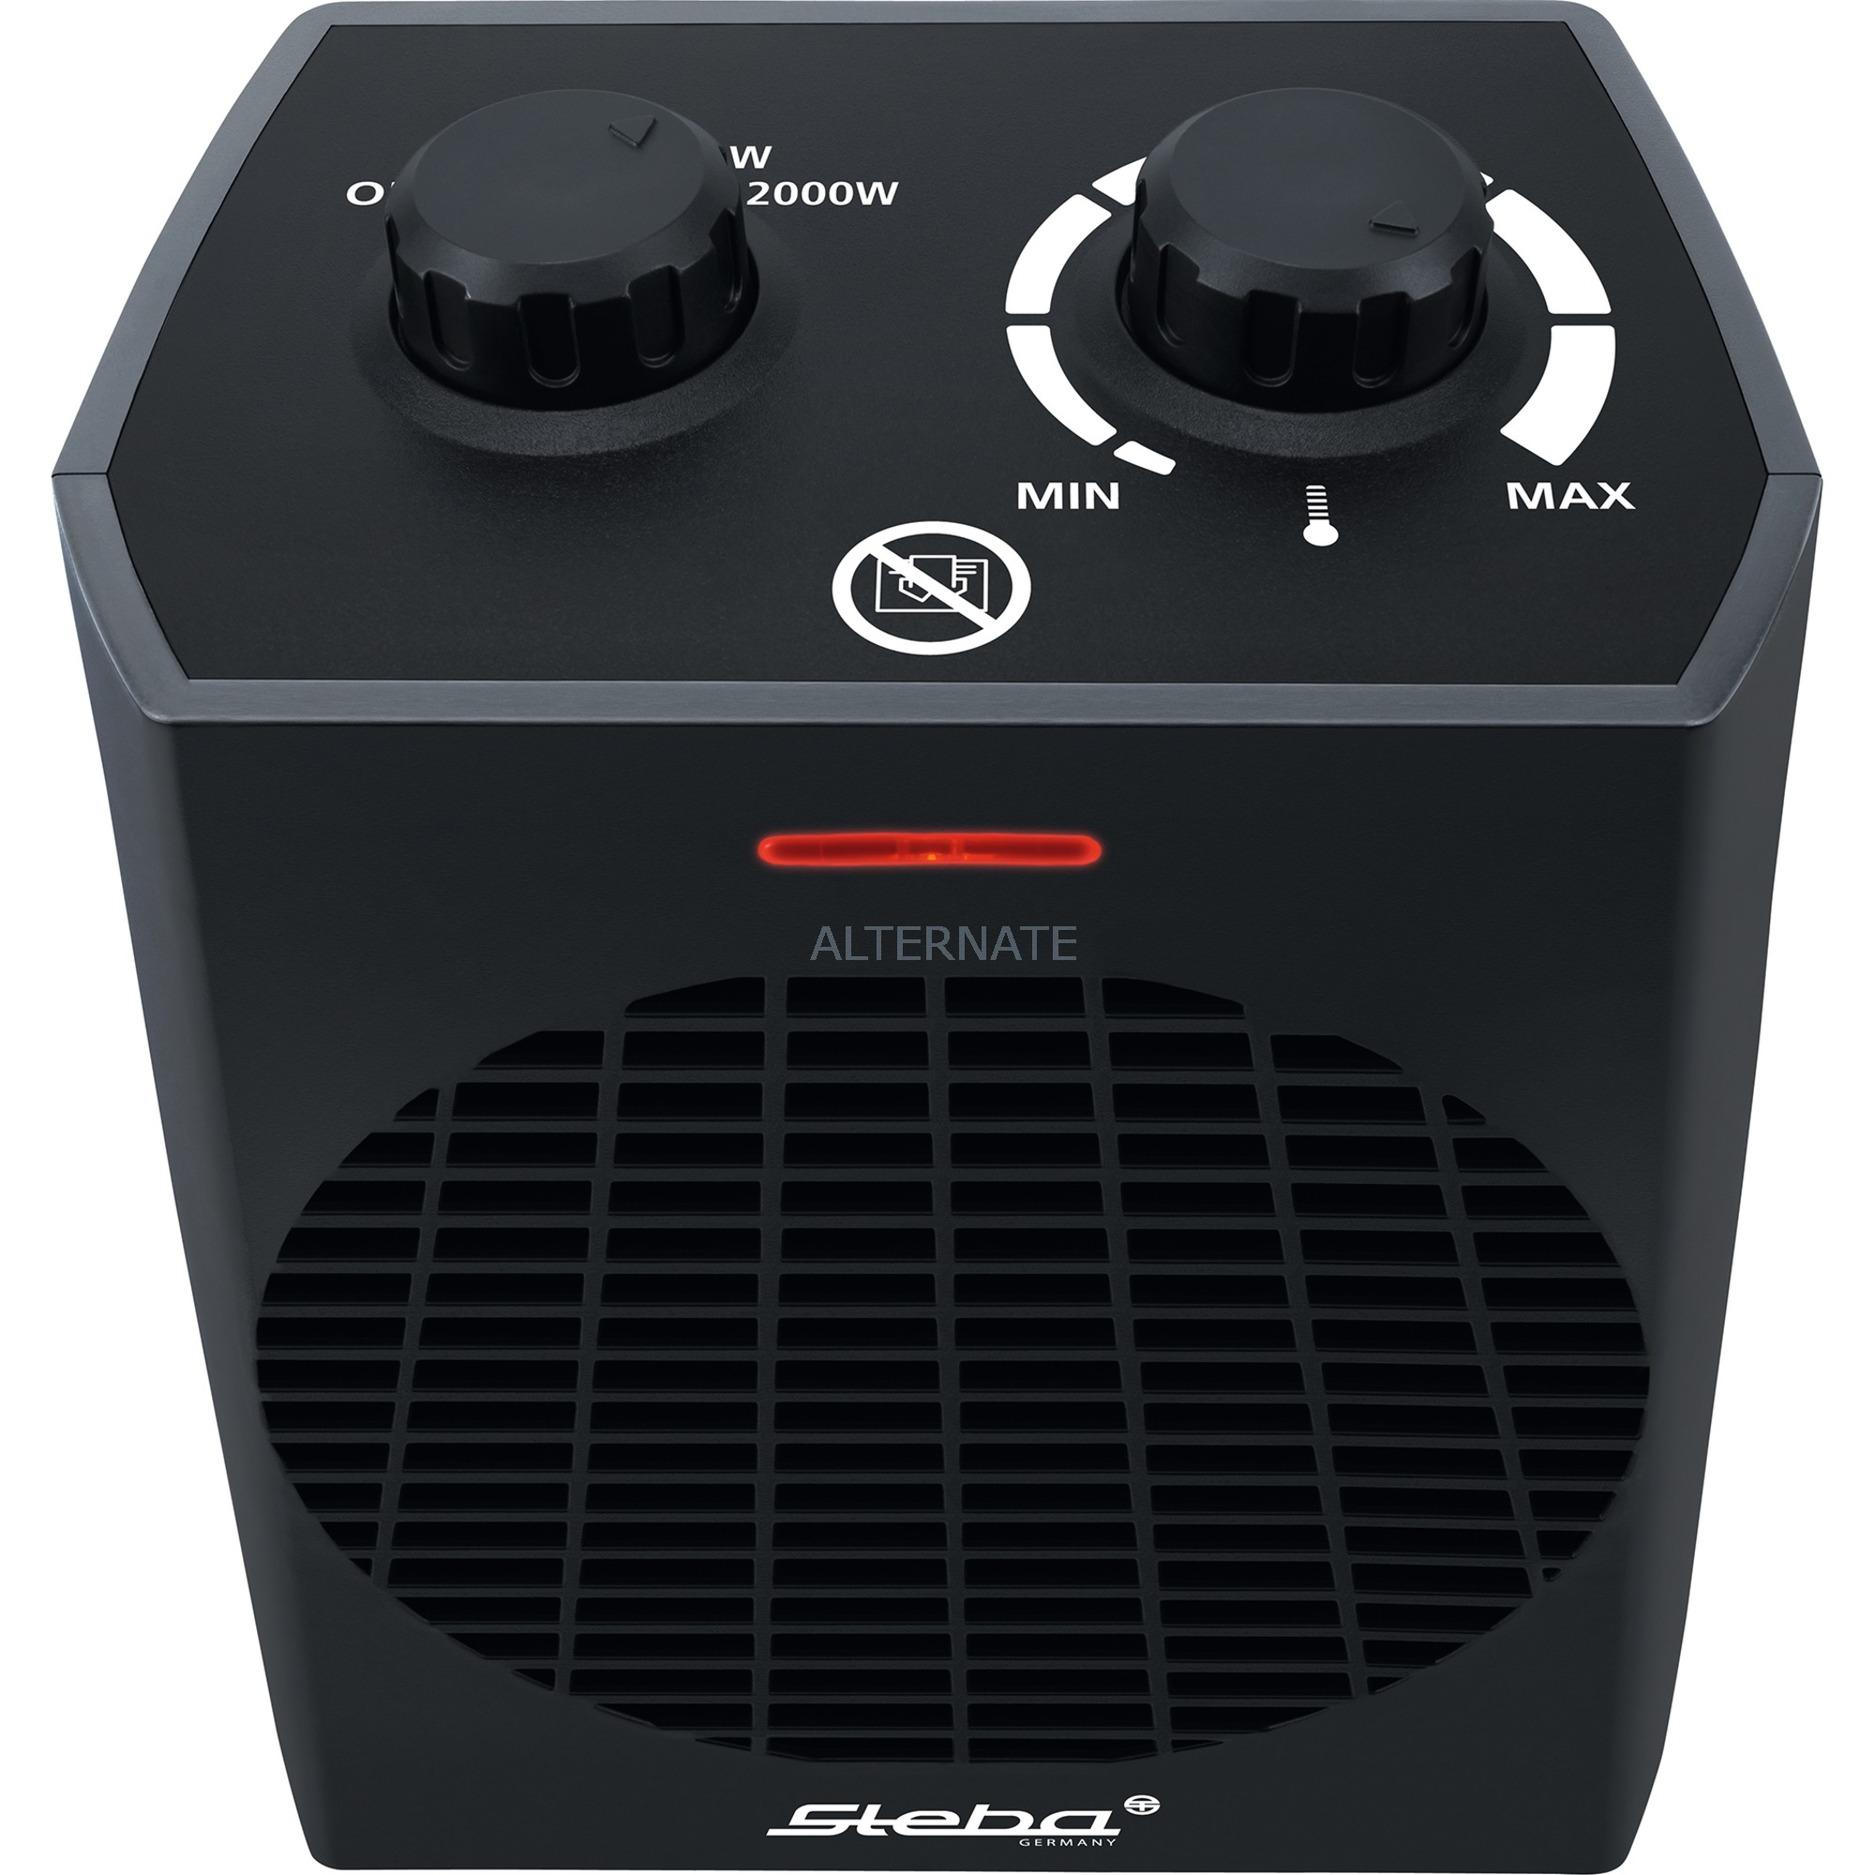 FH 504 Calentador de ventilador Interior Negro 2000 W, Termoventiladores